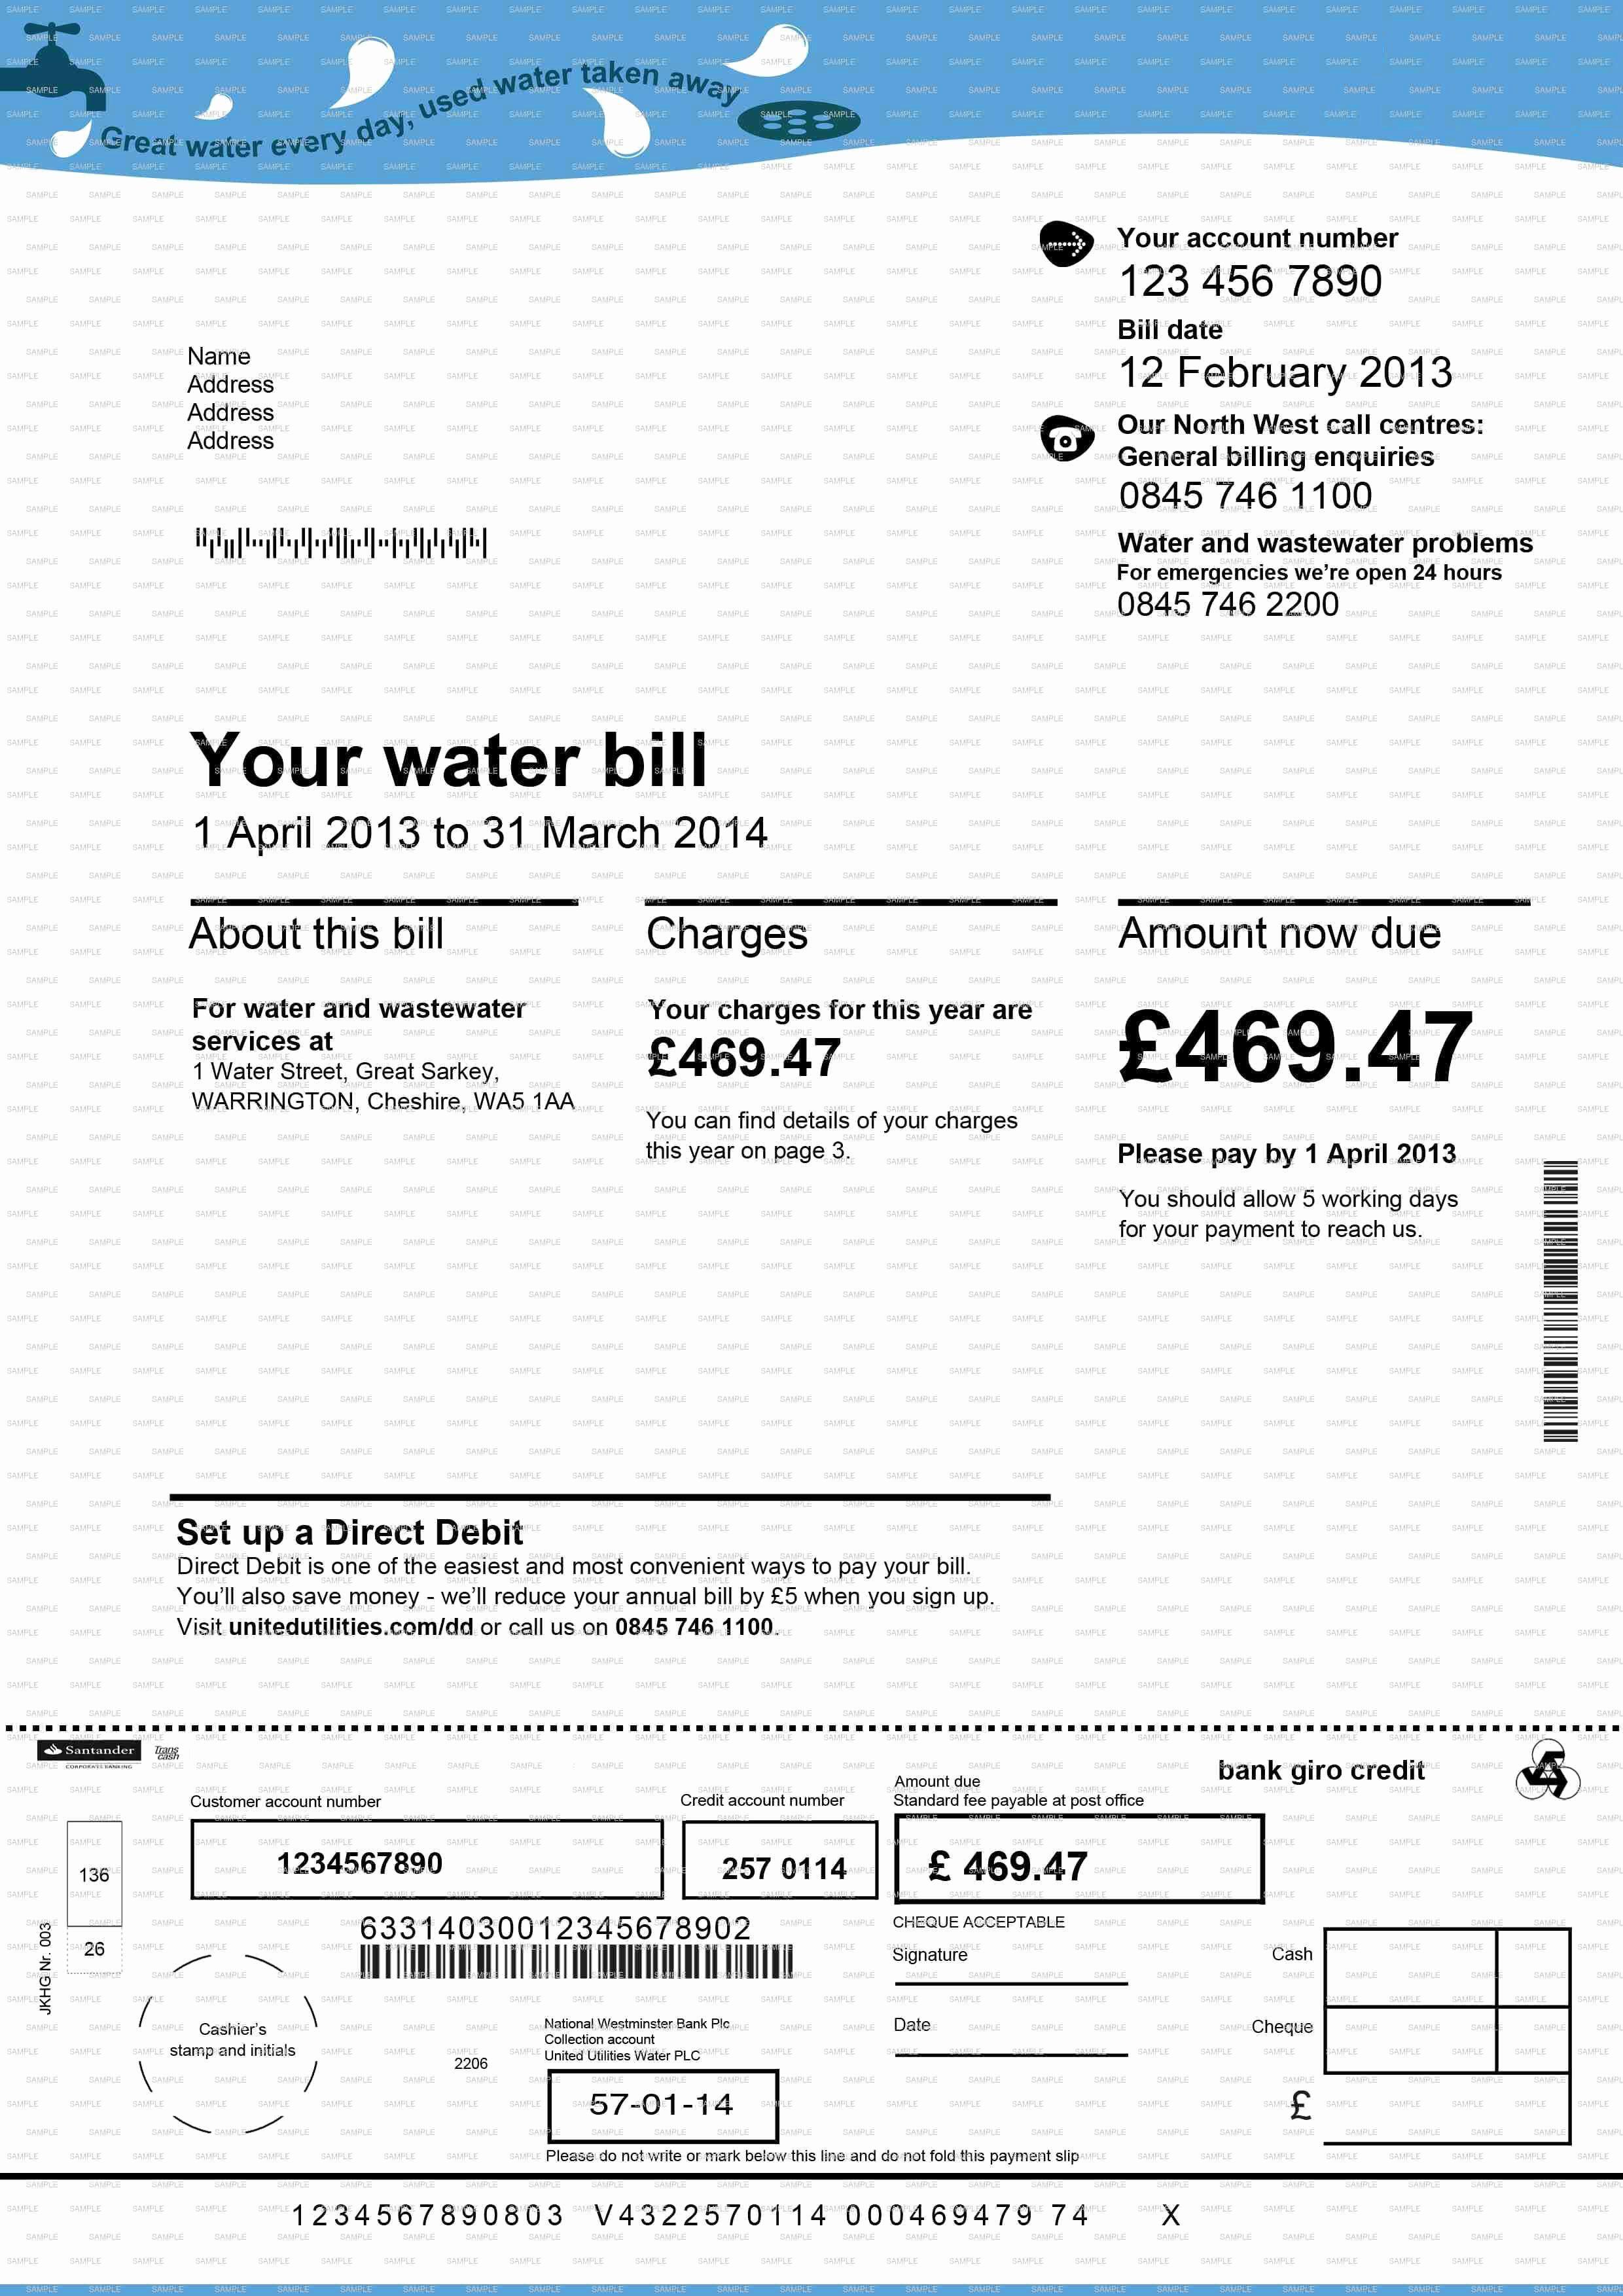 Fake Utility Bill Template Unique Fake Documents Fake Bank Statements Fake Utility Bills Bill Template Utility Bill Bottle Label Template